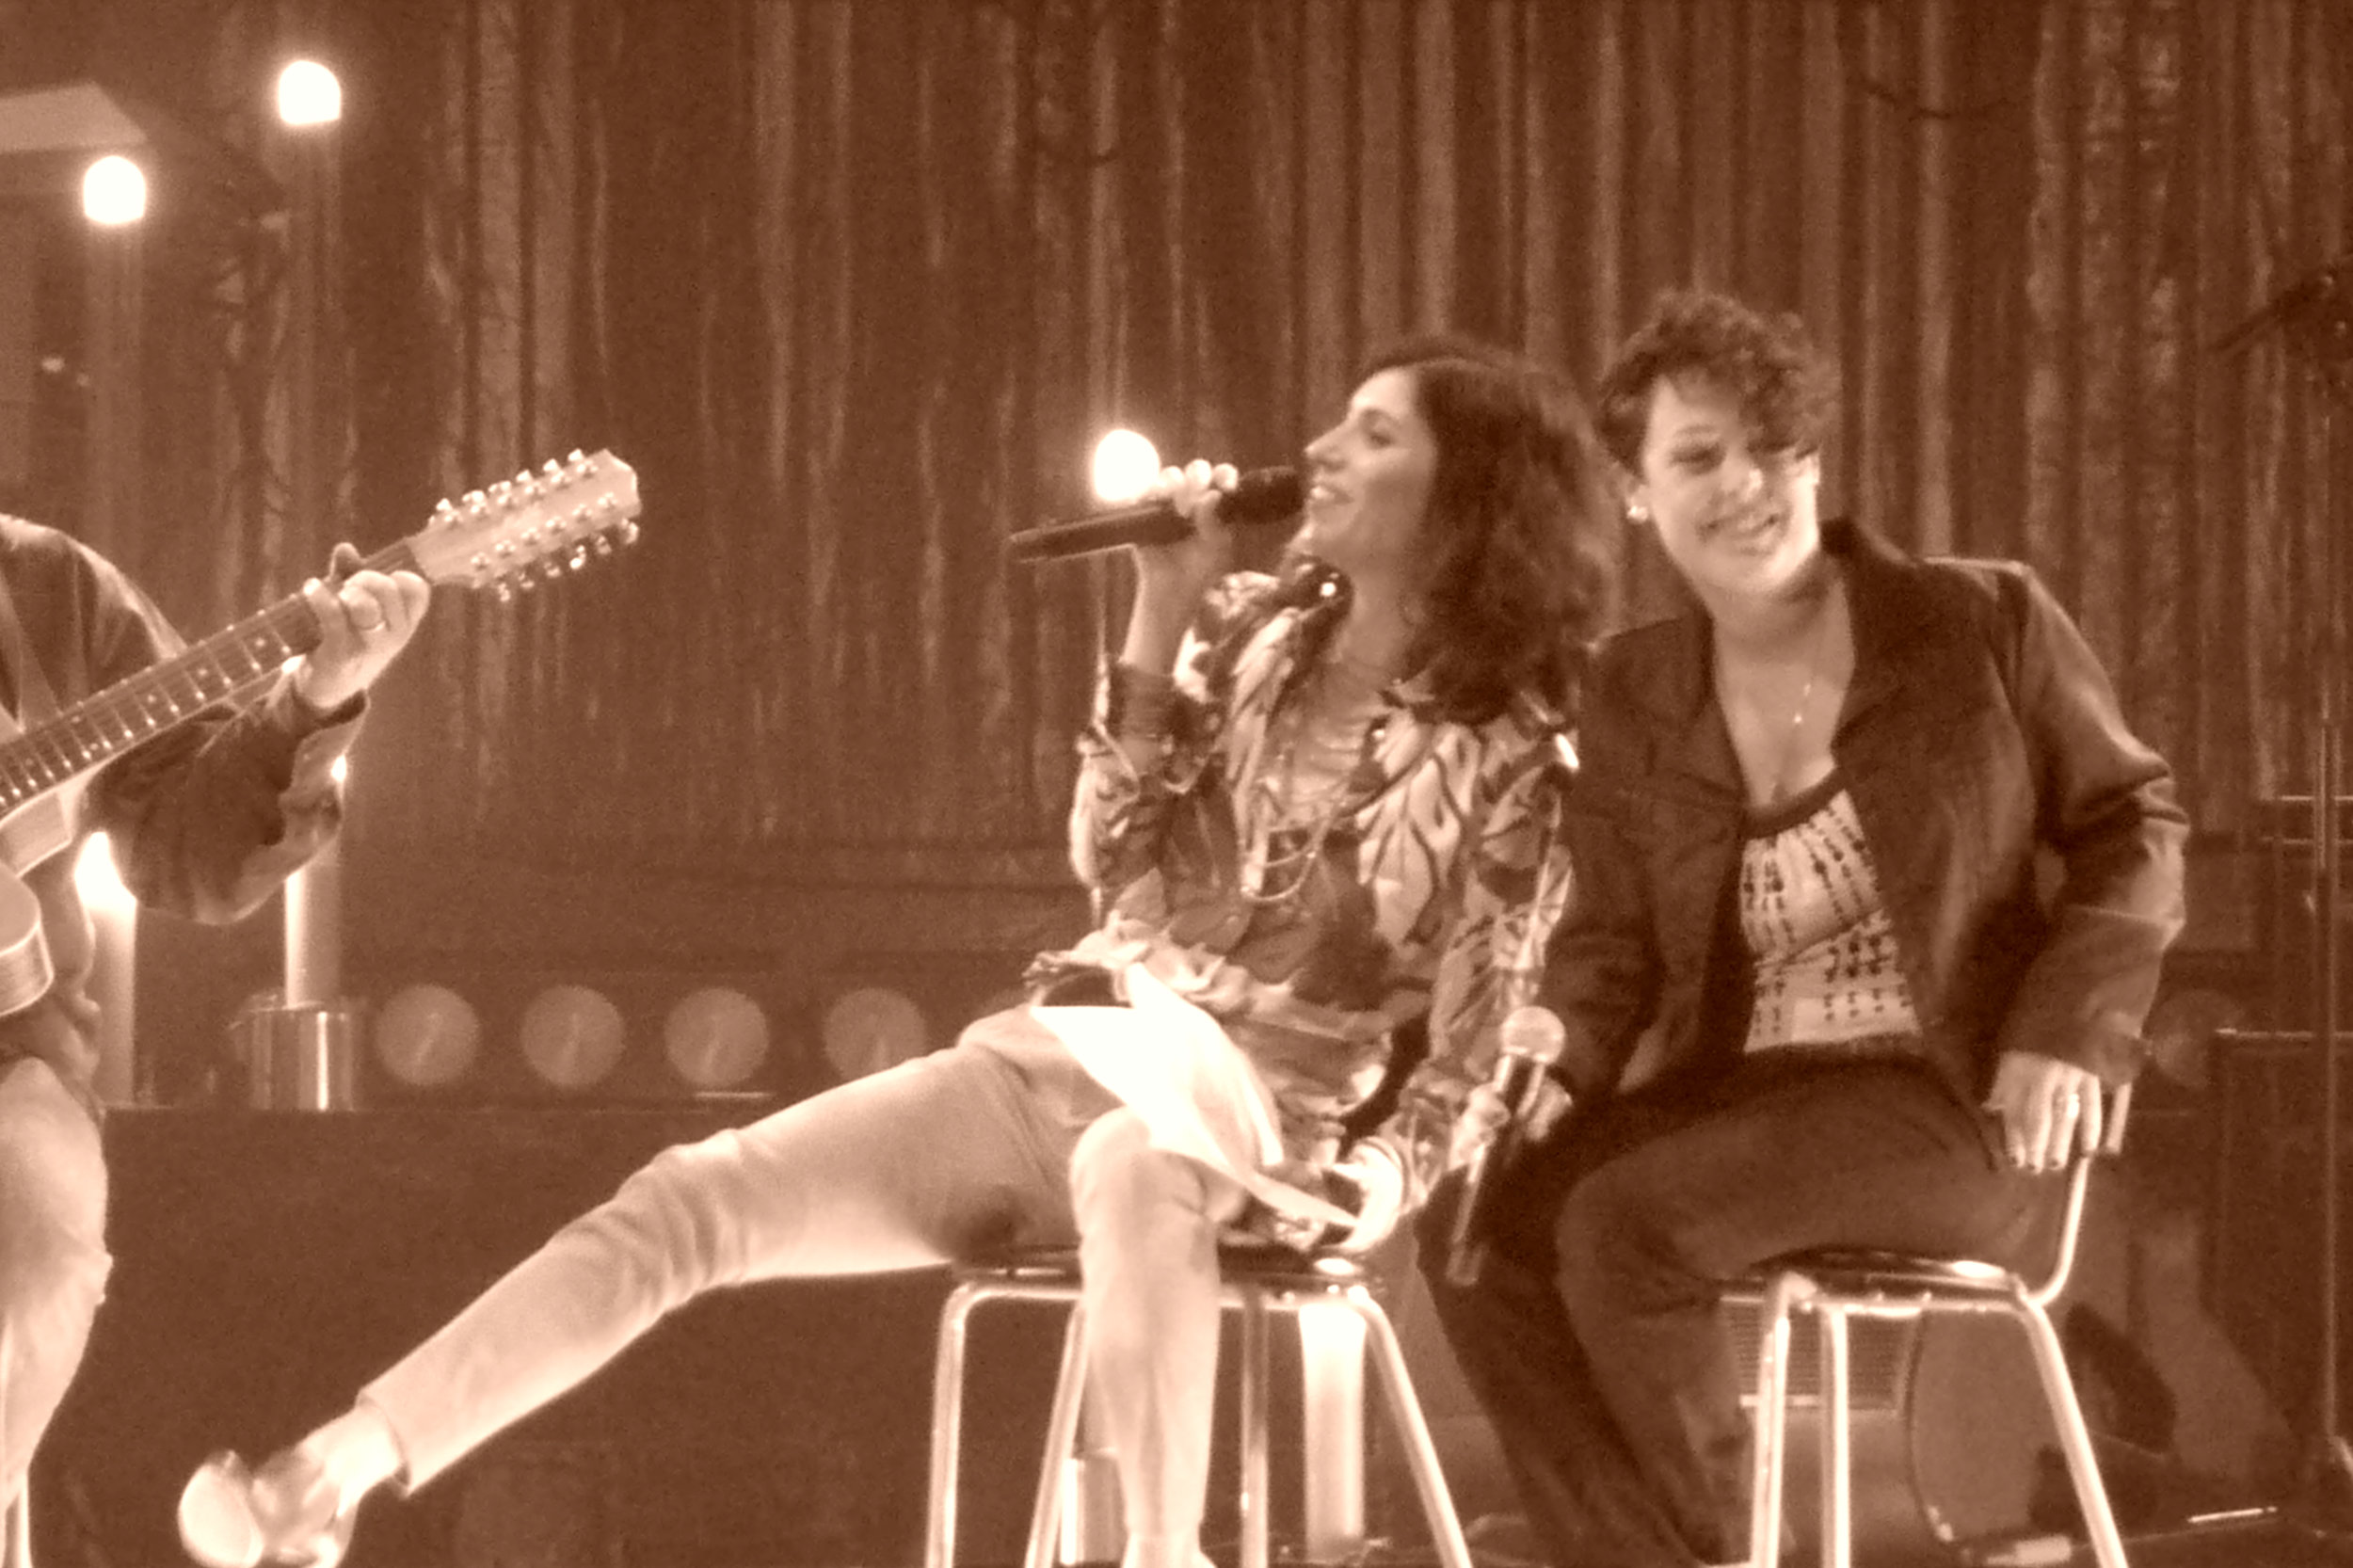 Giorgia - Spirito Libero Tour 2009